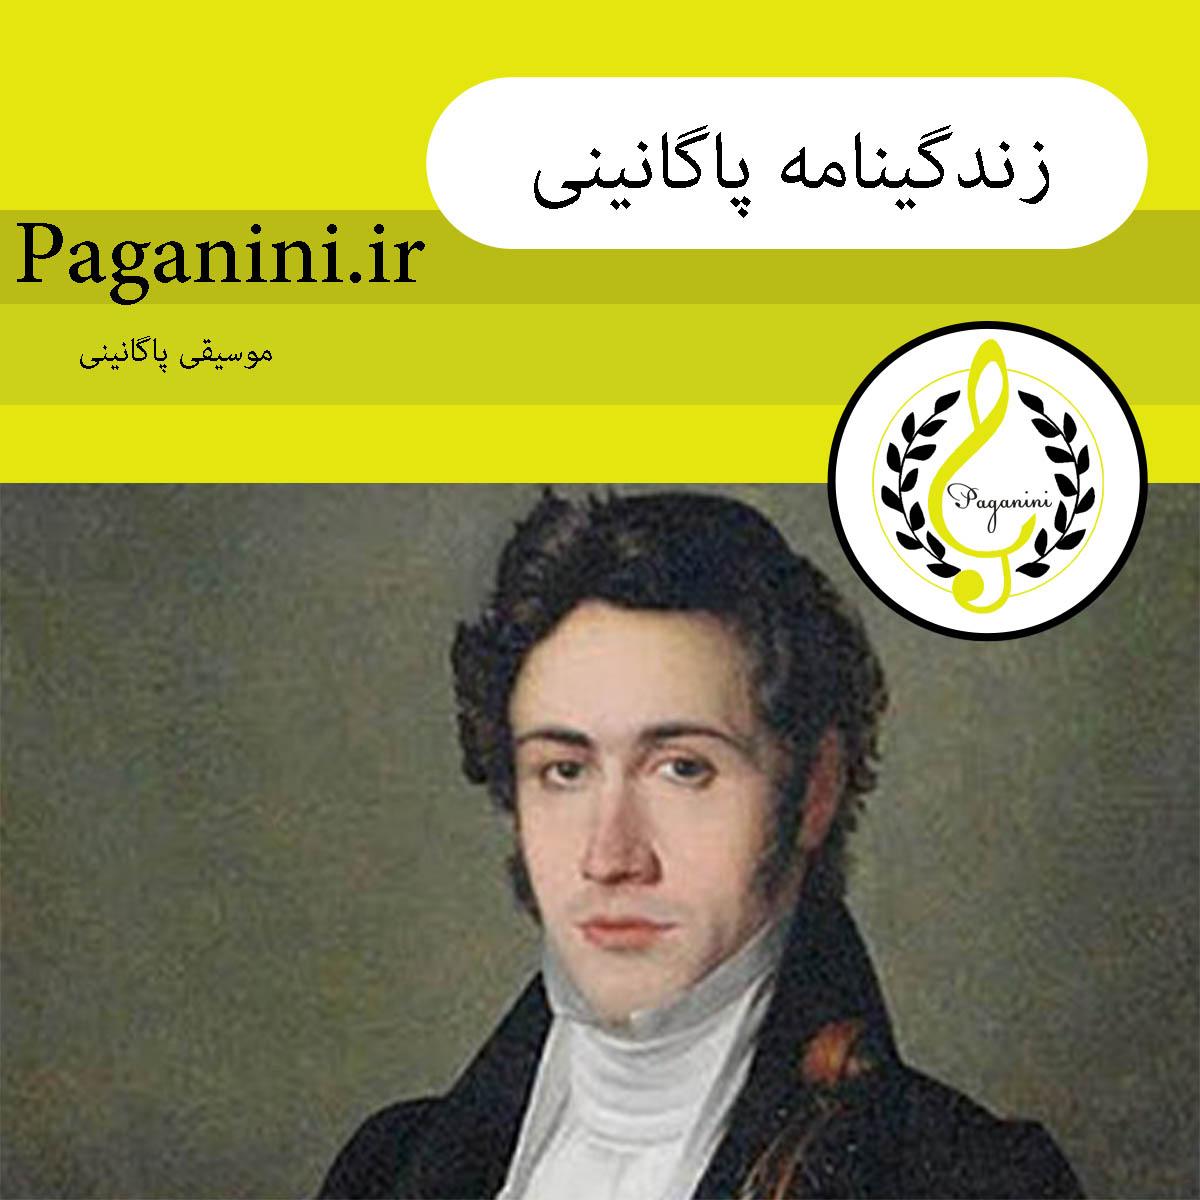 پاگانینی